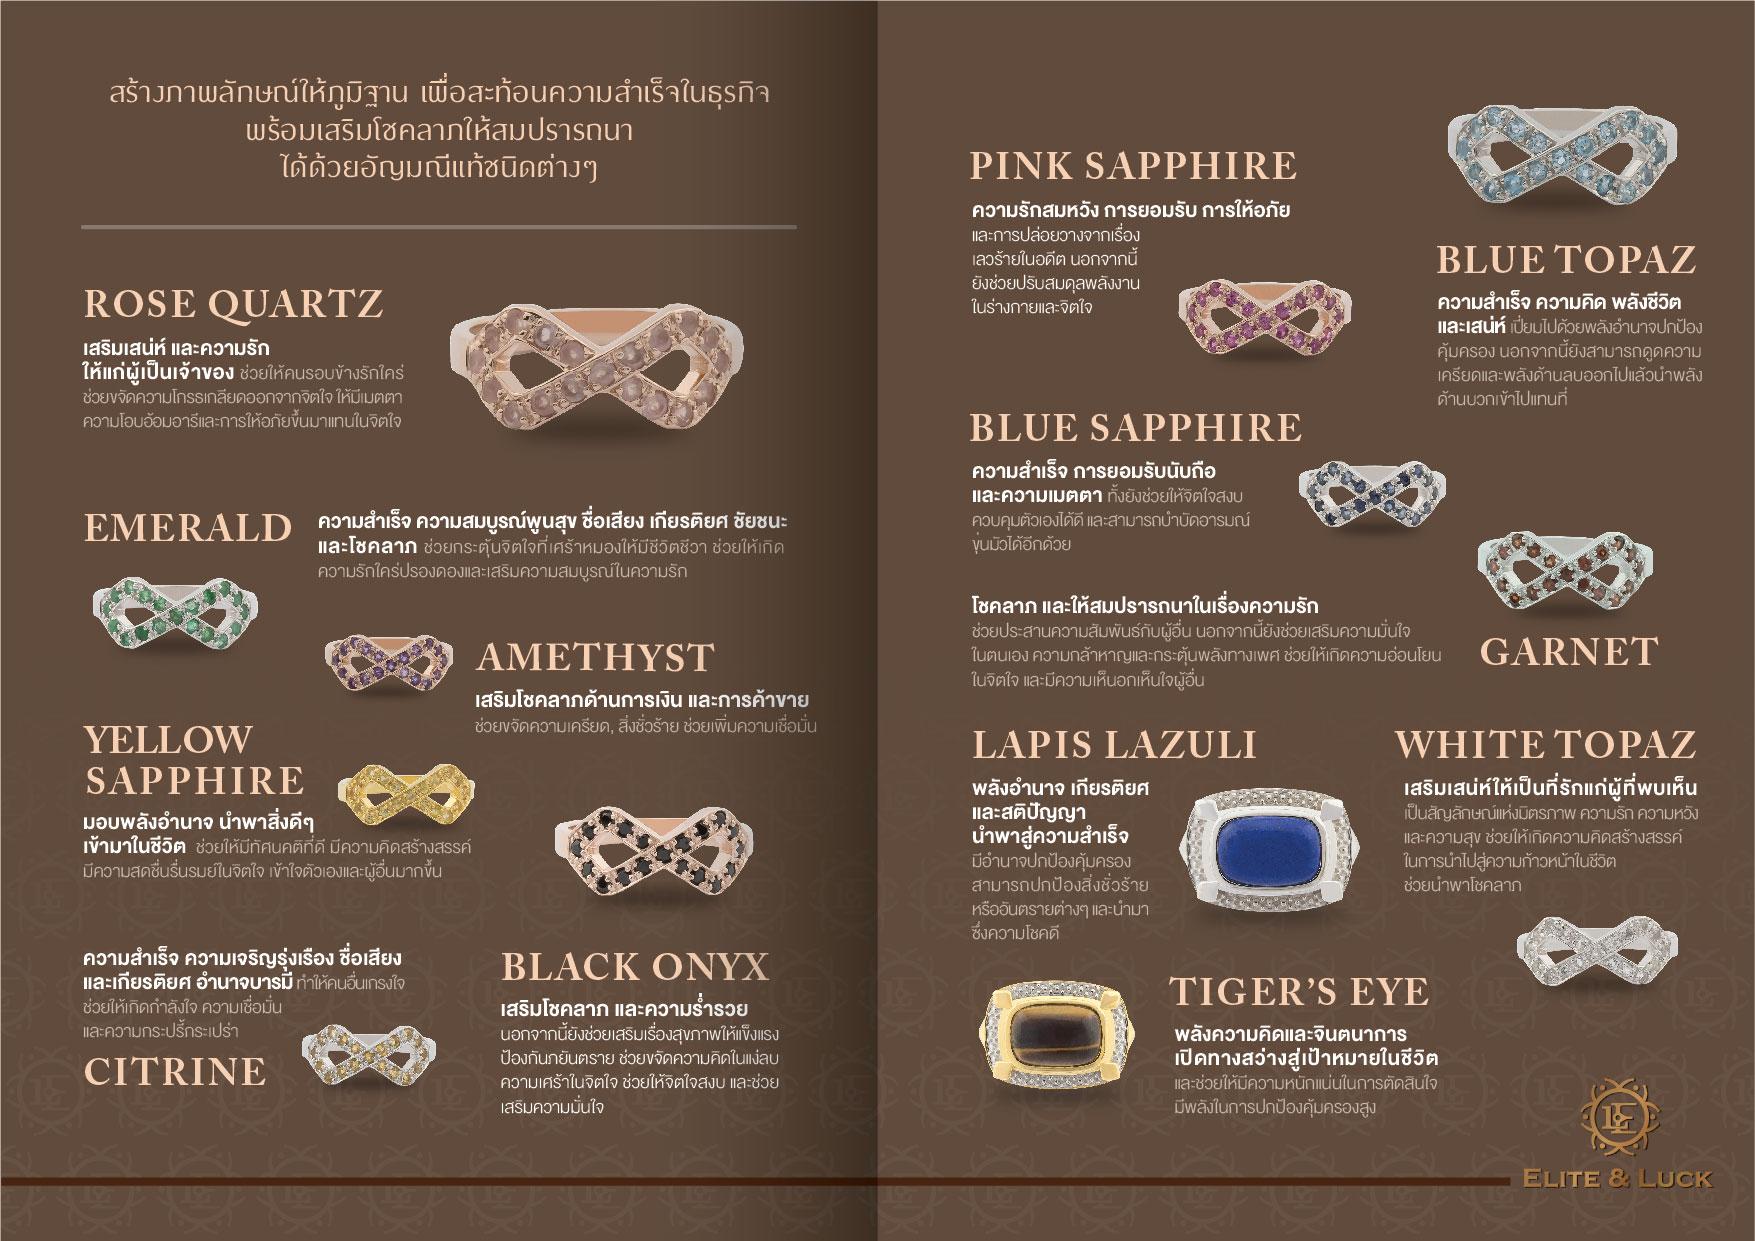 เลือกแหวนเสริมดวงอย่างไรให้เหมาะกับคุณ